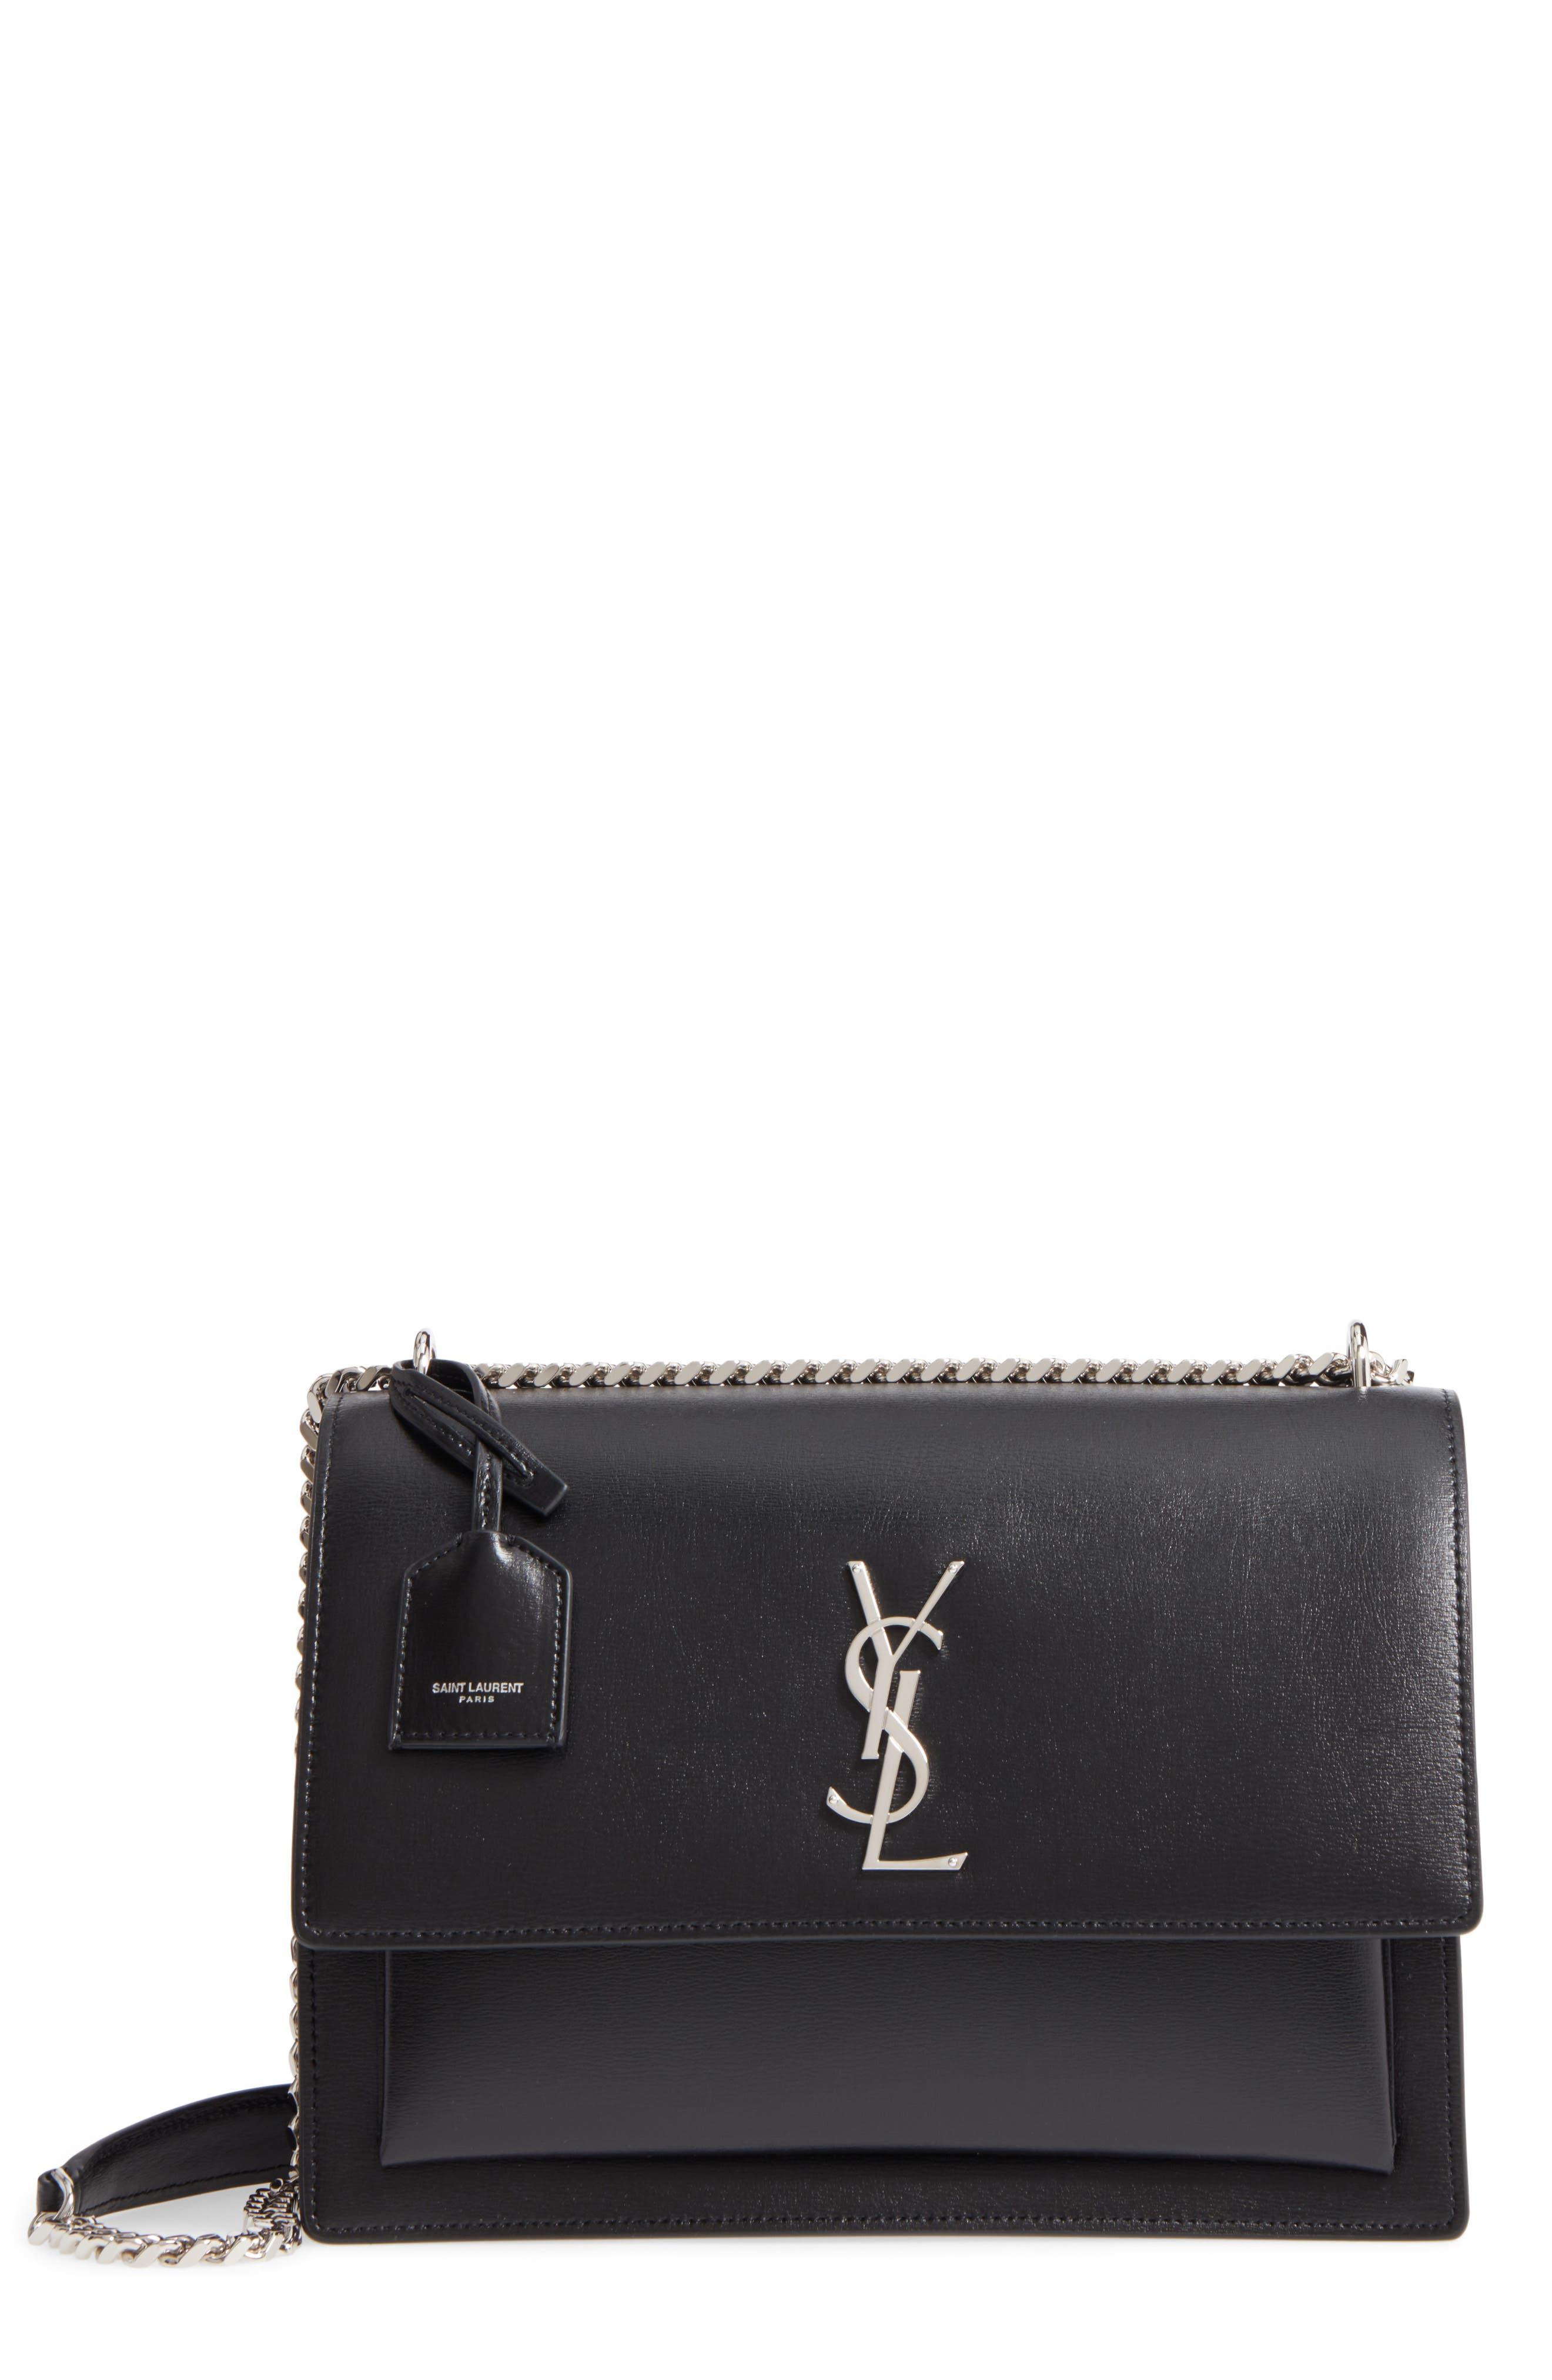 Medium Sunset Leather Shoulder Bag,                             Main thumbnail 1, color,                             NOIR